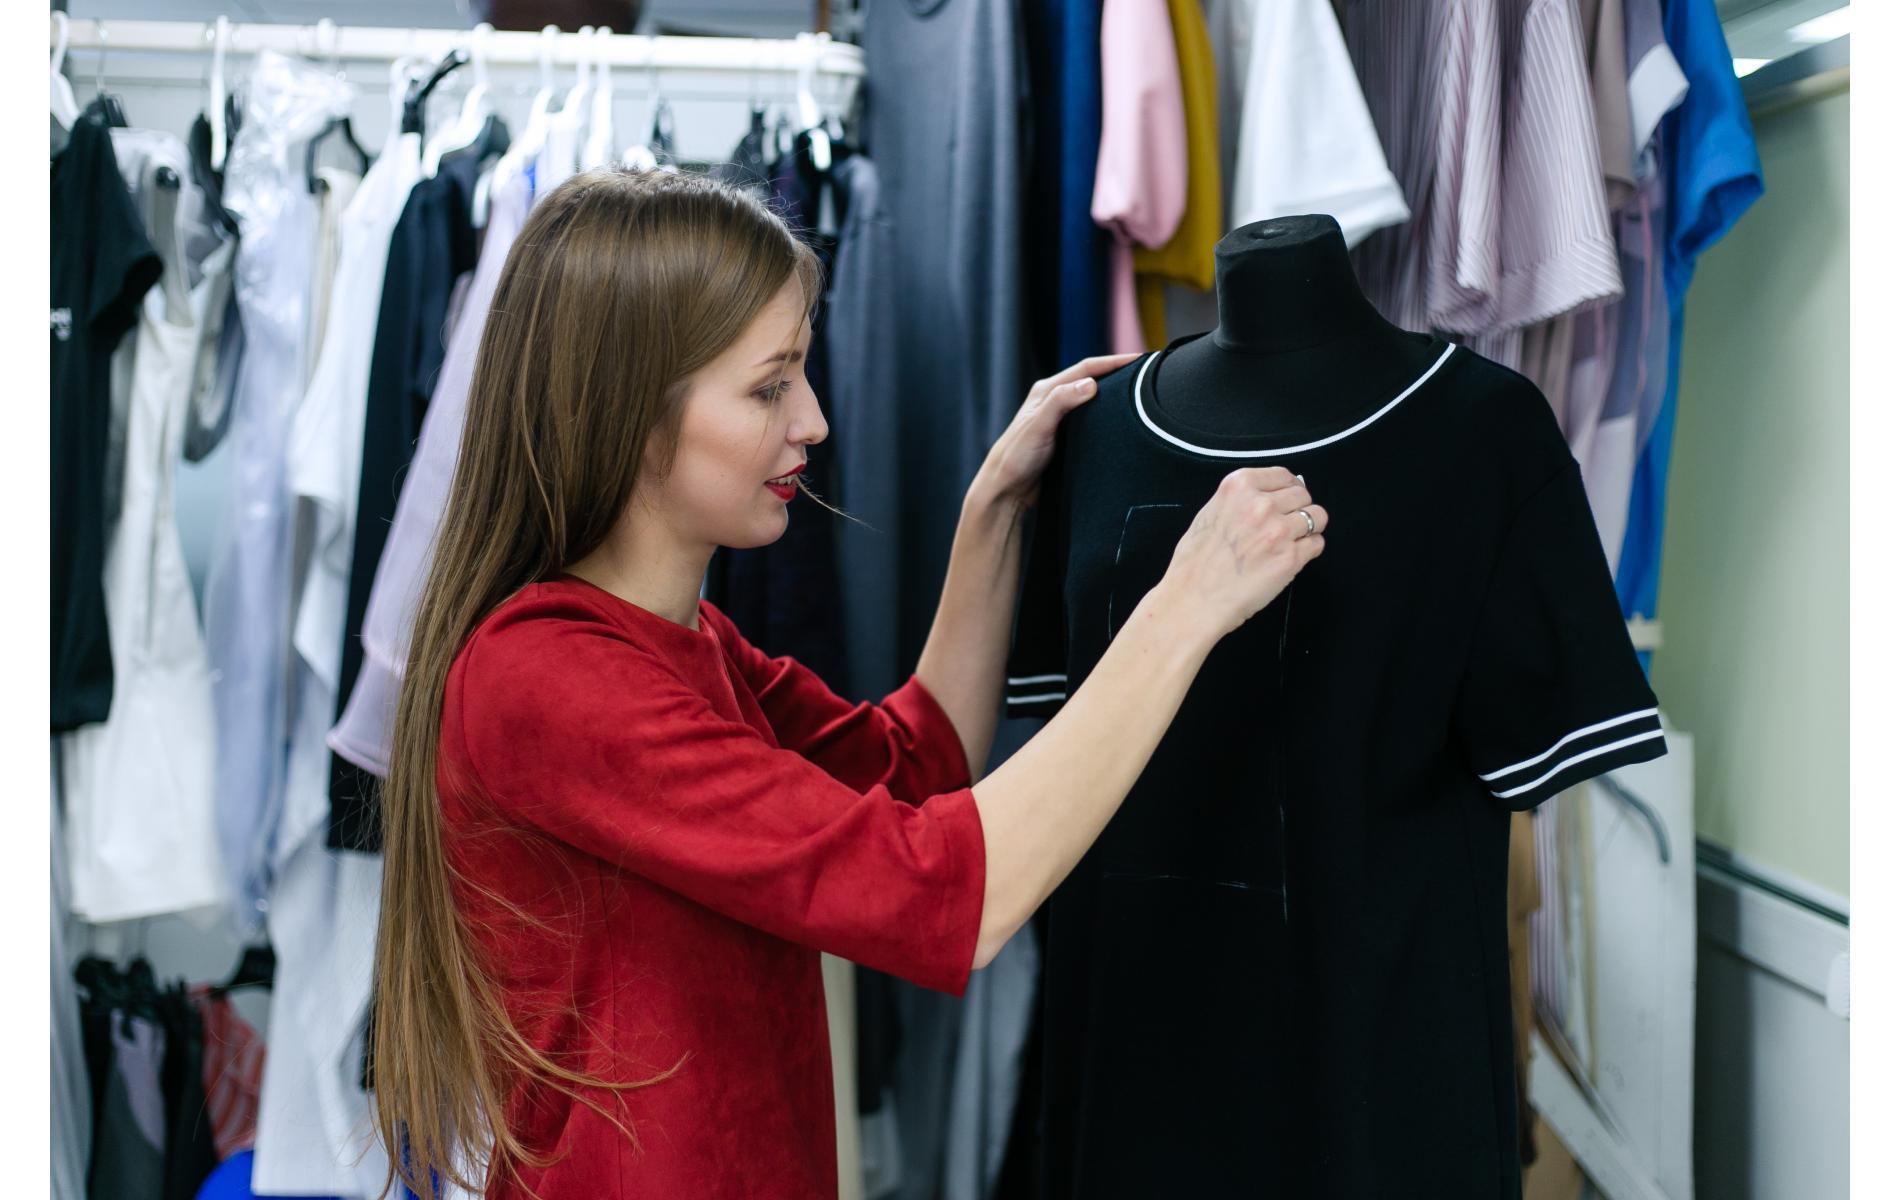 Жіночий одяг від Jhiva  переваги покупки 15cd7f94b0e42